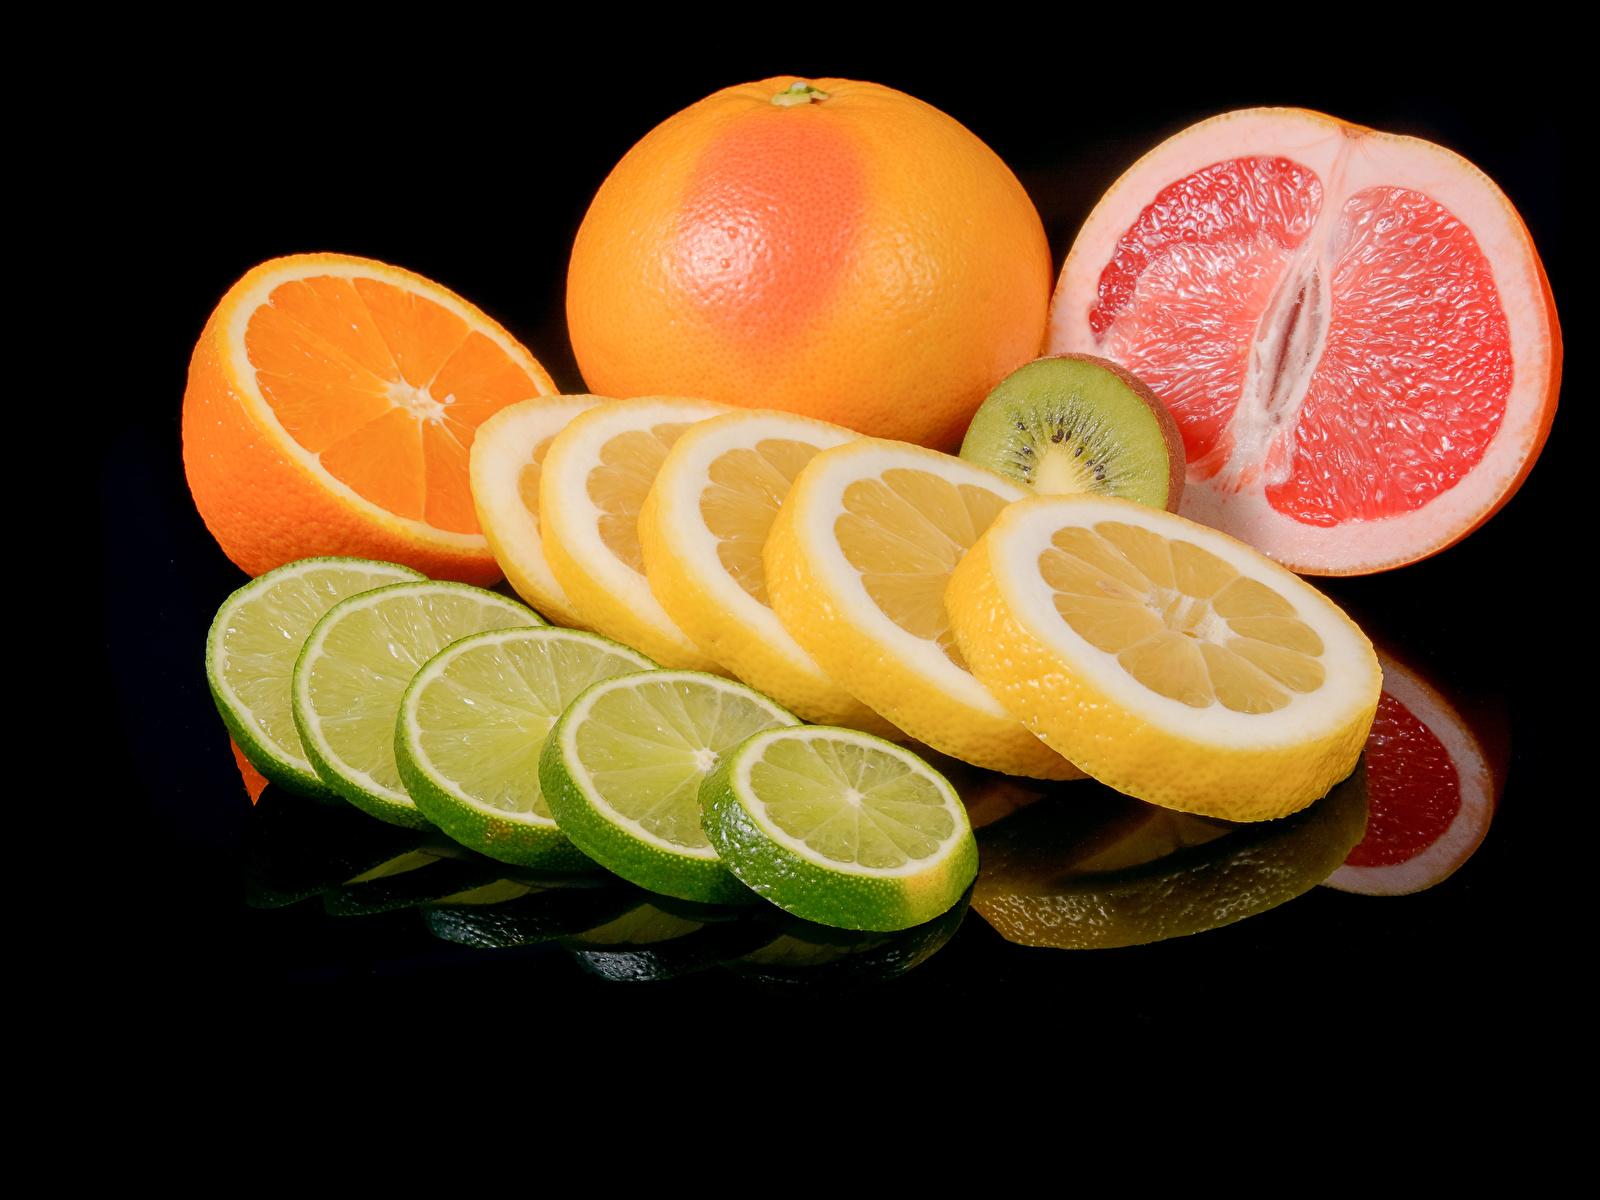 Фото Апельсин Грейпфрут Лимоны Пища Цитрусовые на черном фоне 1600x1200 Еда Продукты питания Черный фон